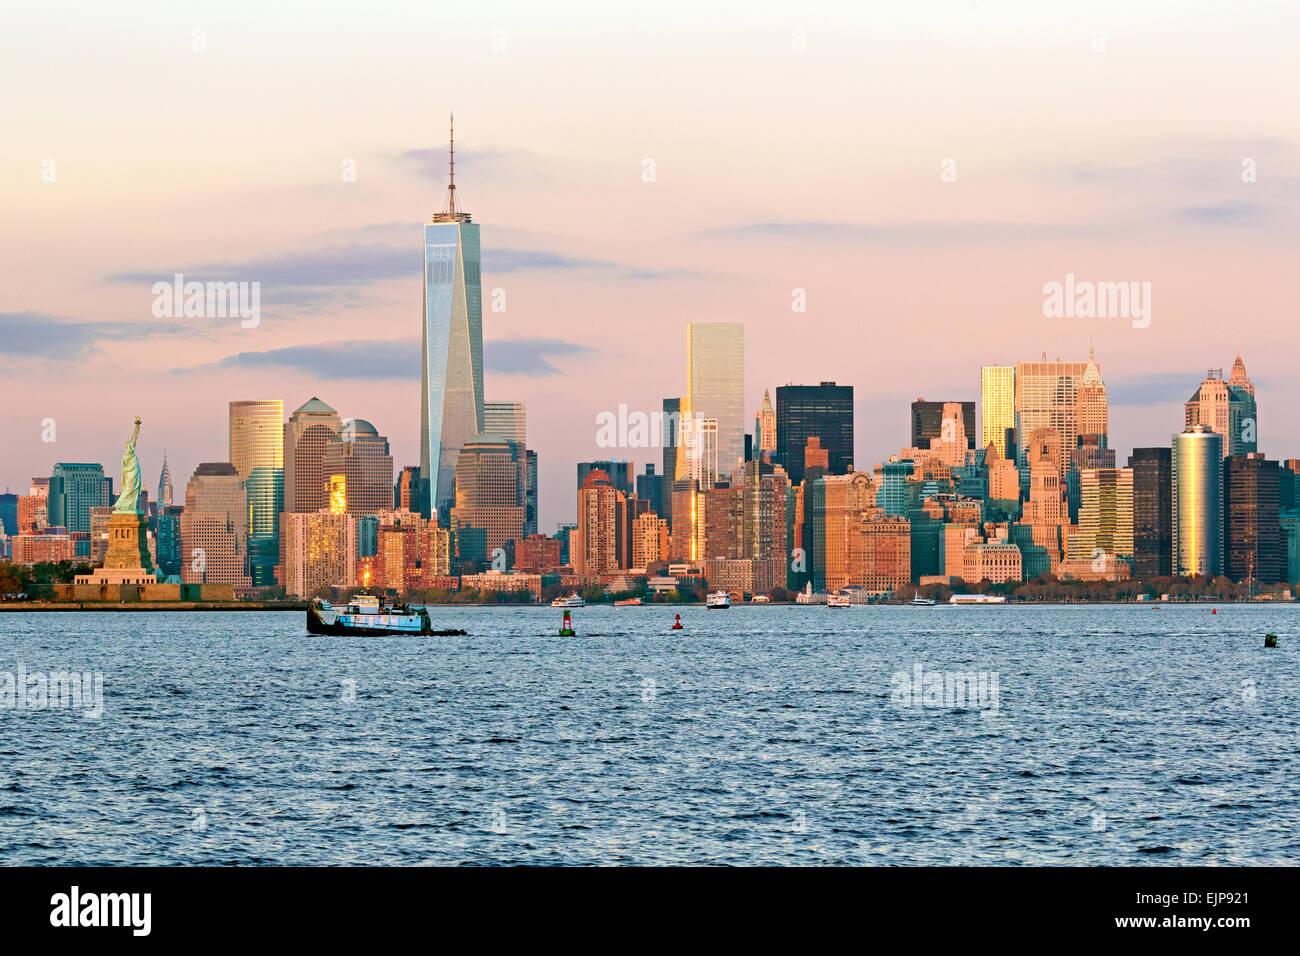 La estatua de la libertad, One World Trade Center y el centro de Manhattan, al otro lado del Río Hudson, Nueva Imagen De Stock